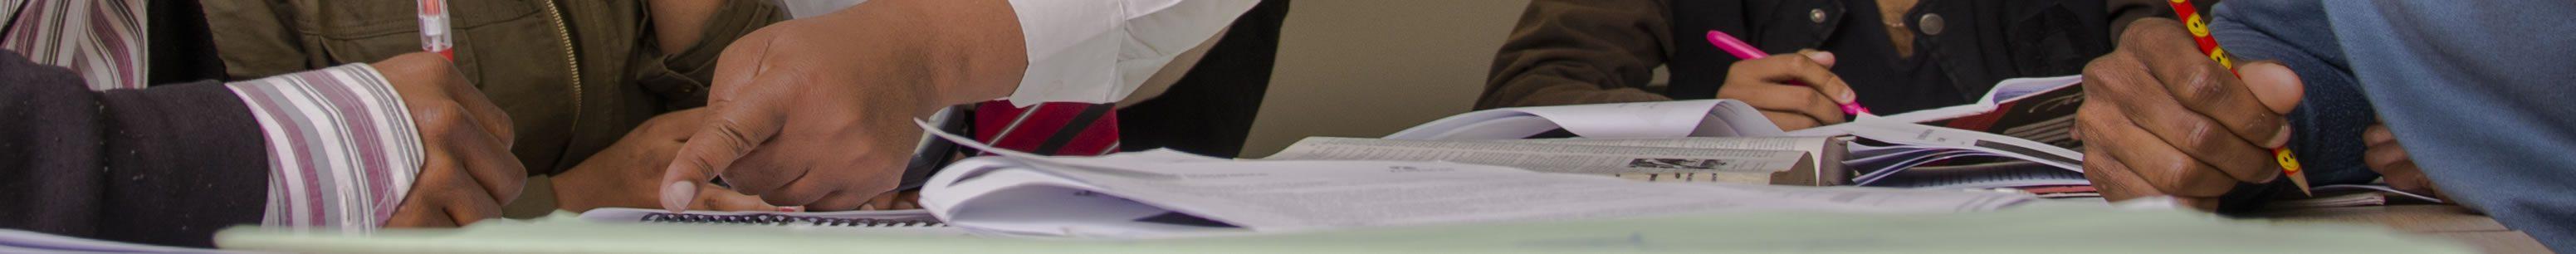 regulatory-exams